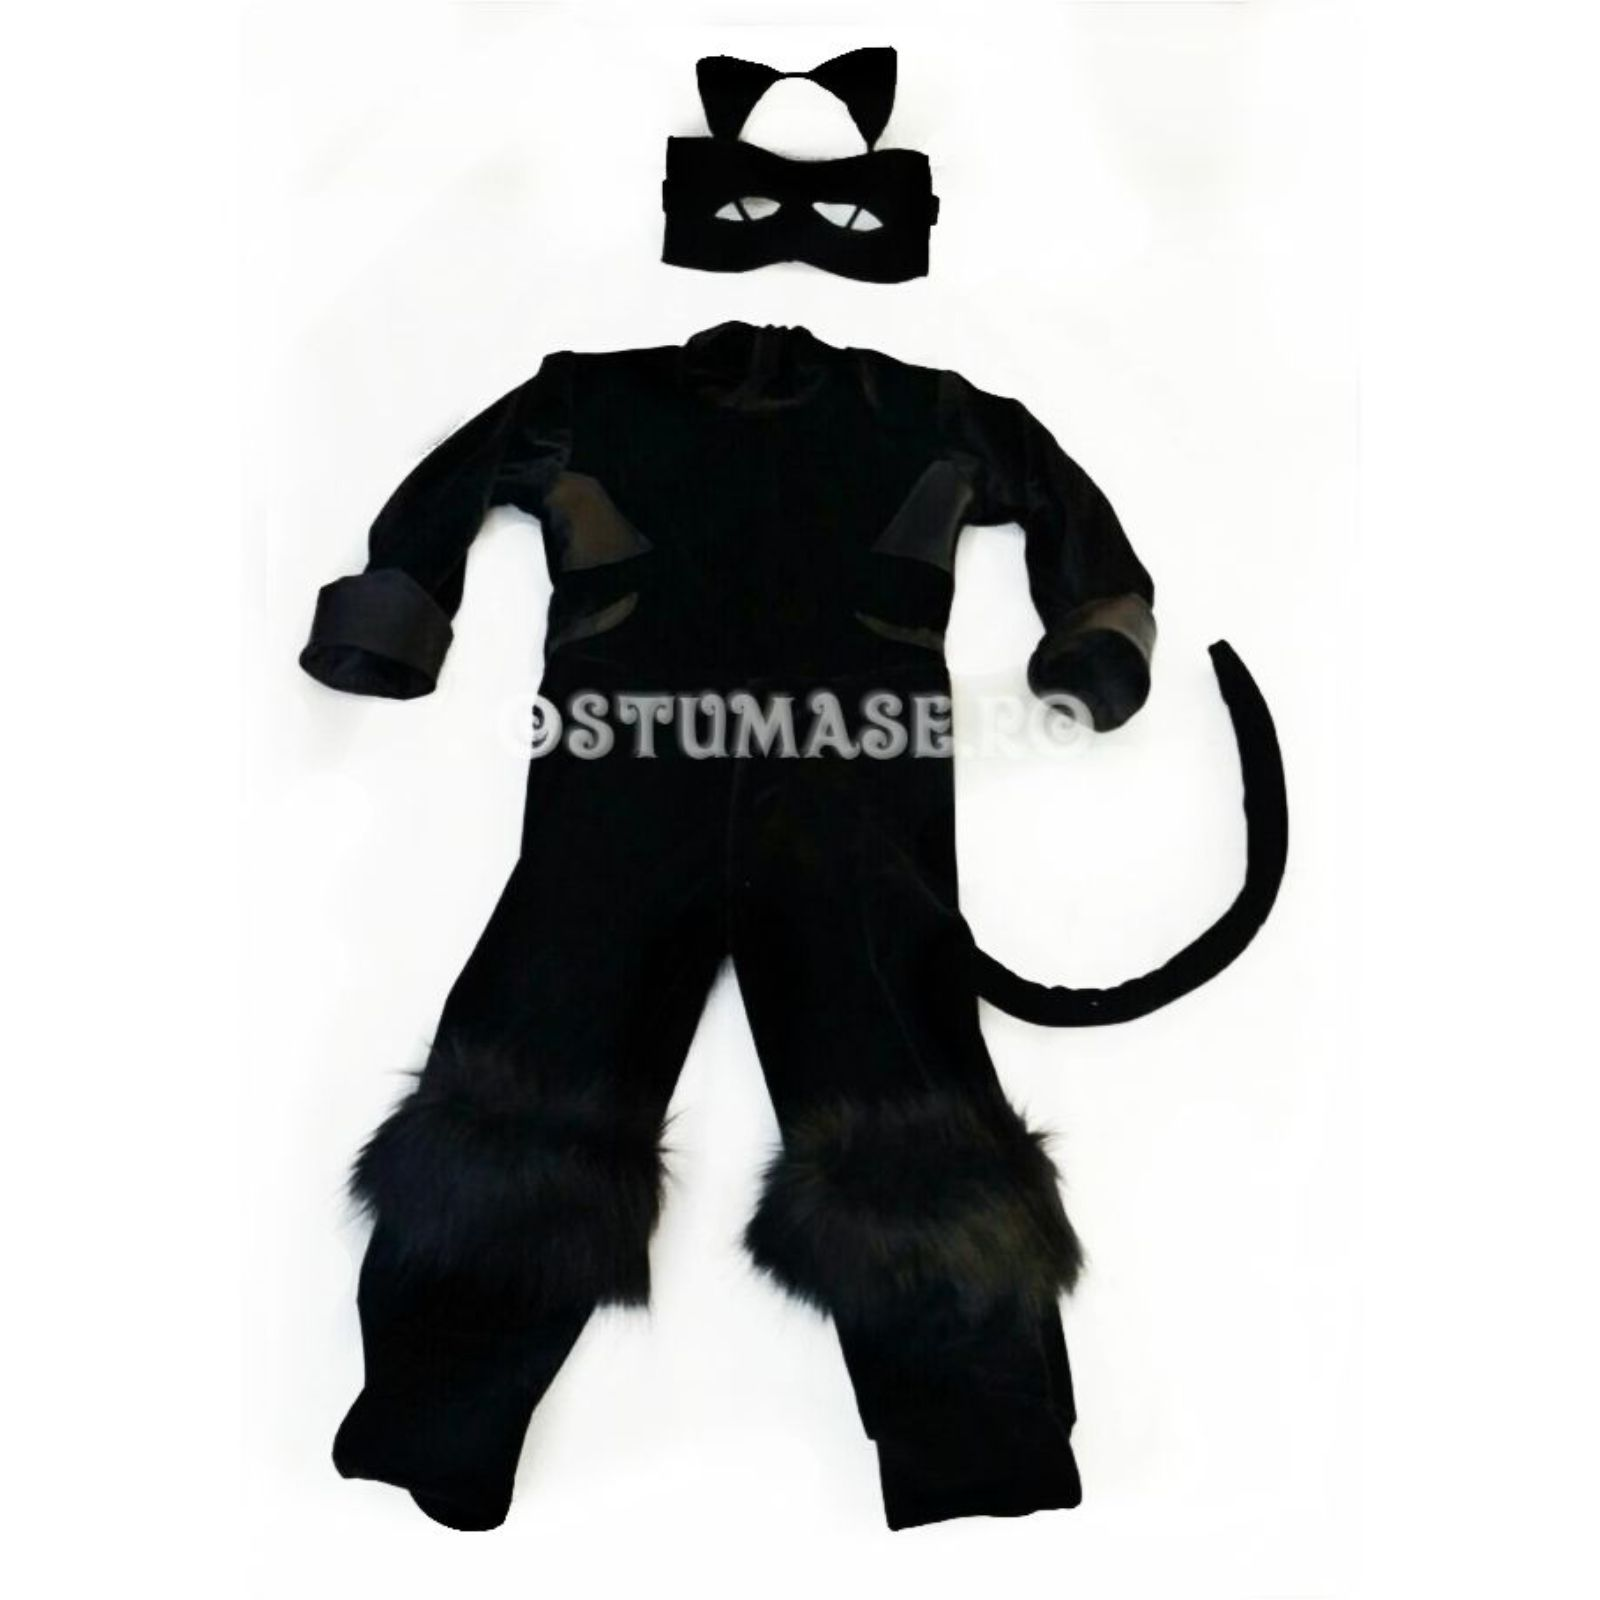 Costum Cat Noir sau Motan Negru Miraculos 1